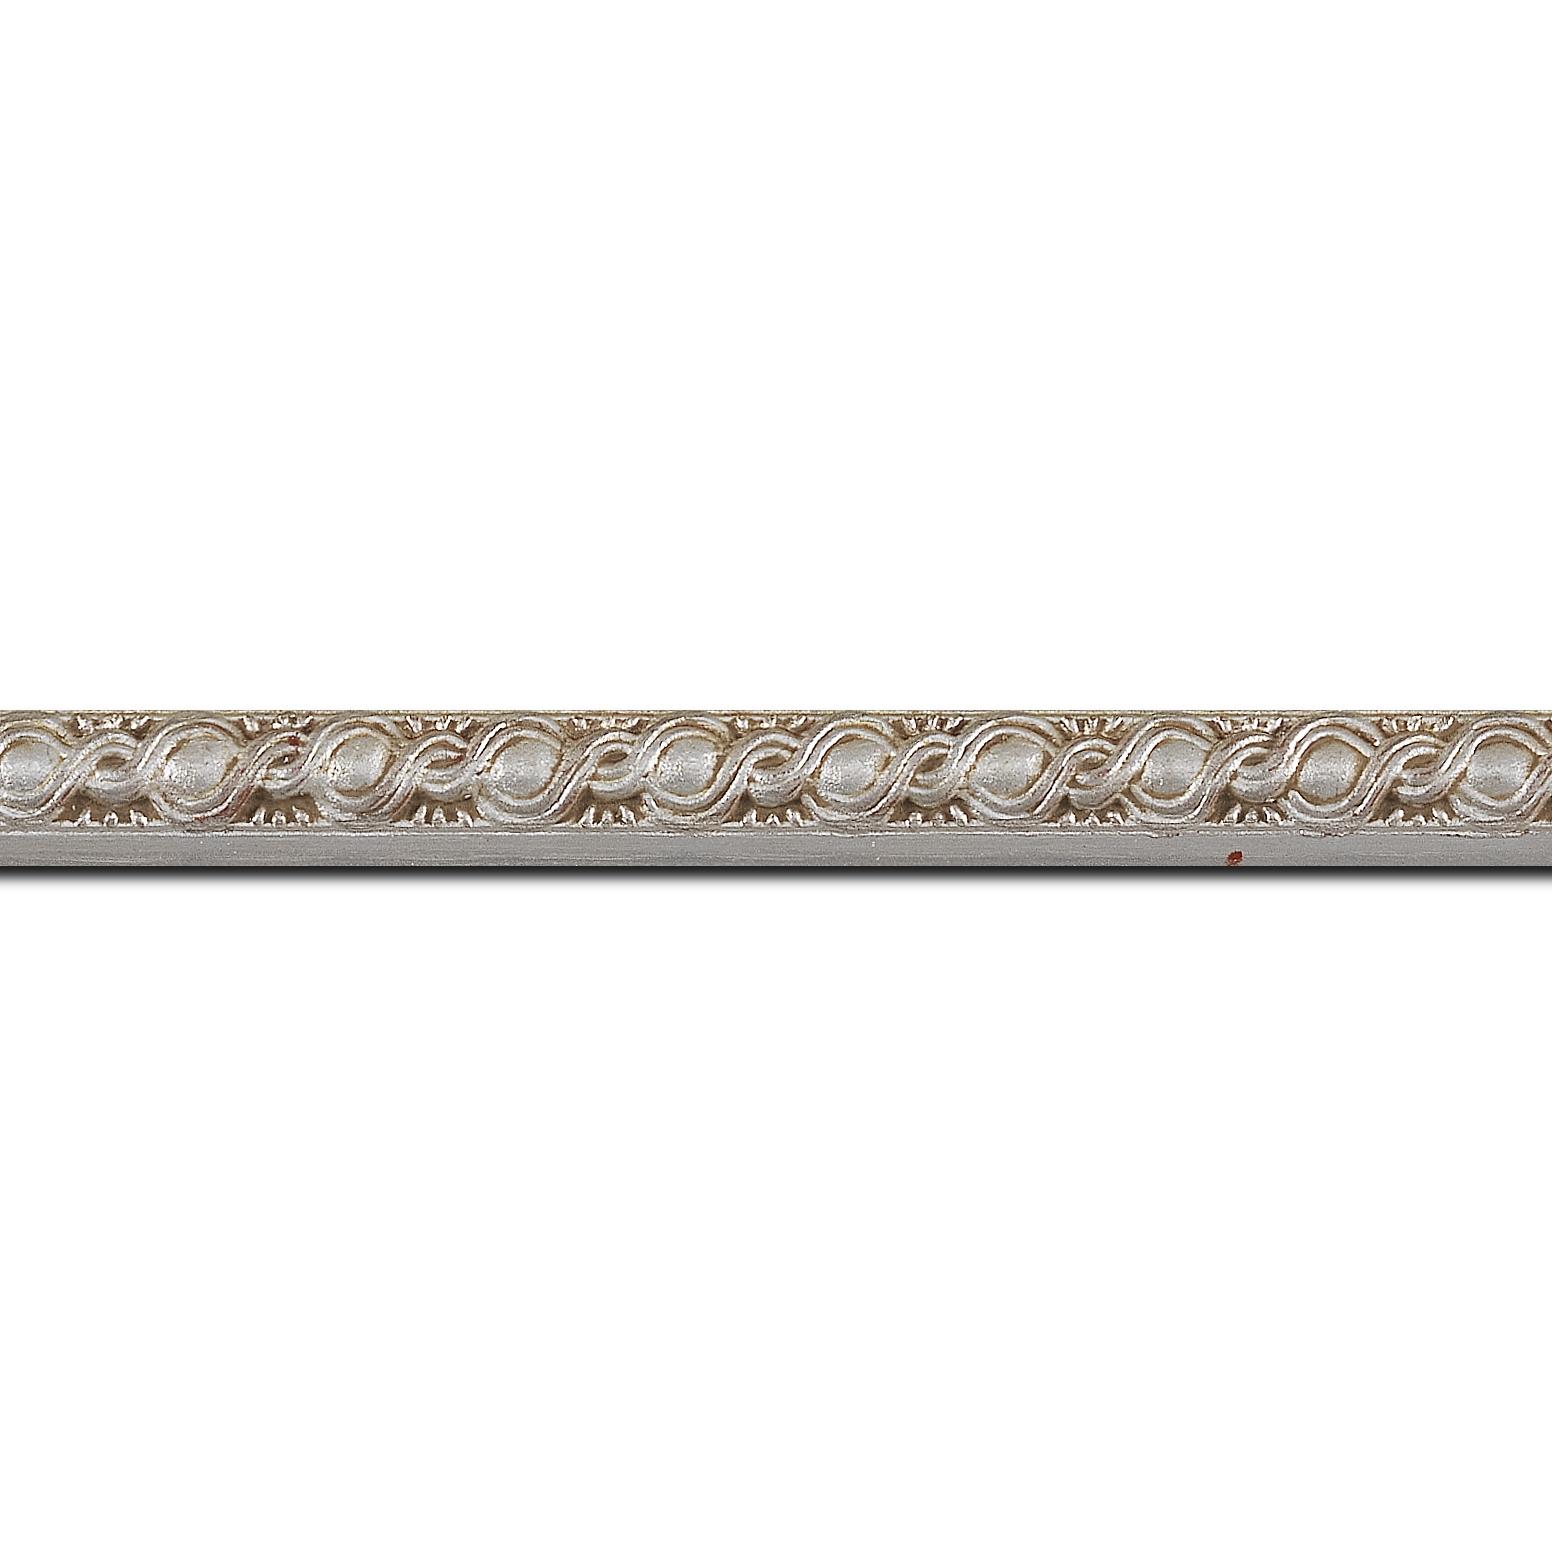 Pack par 12m, bois profil jonc largeur 1.5cm argent style décor entrelacé (longueur baguette pouvant varier entre 2.40m et 3m selon arrivage des bois)